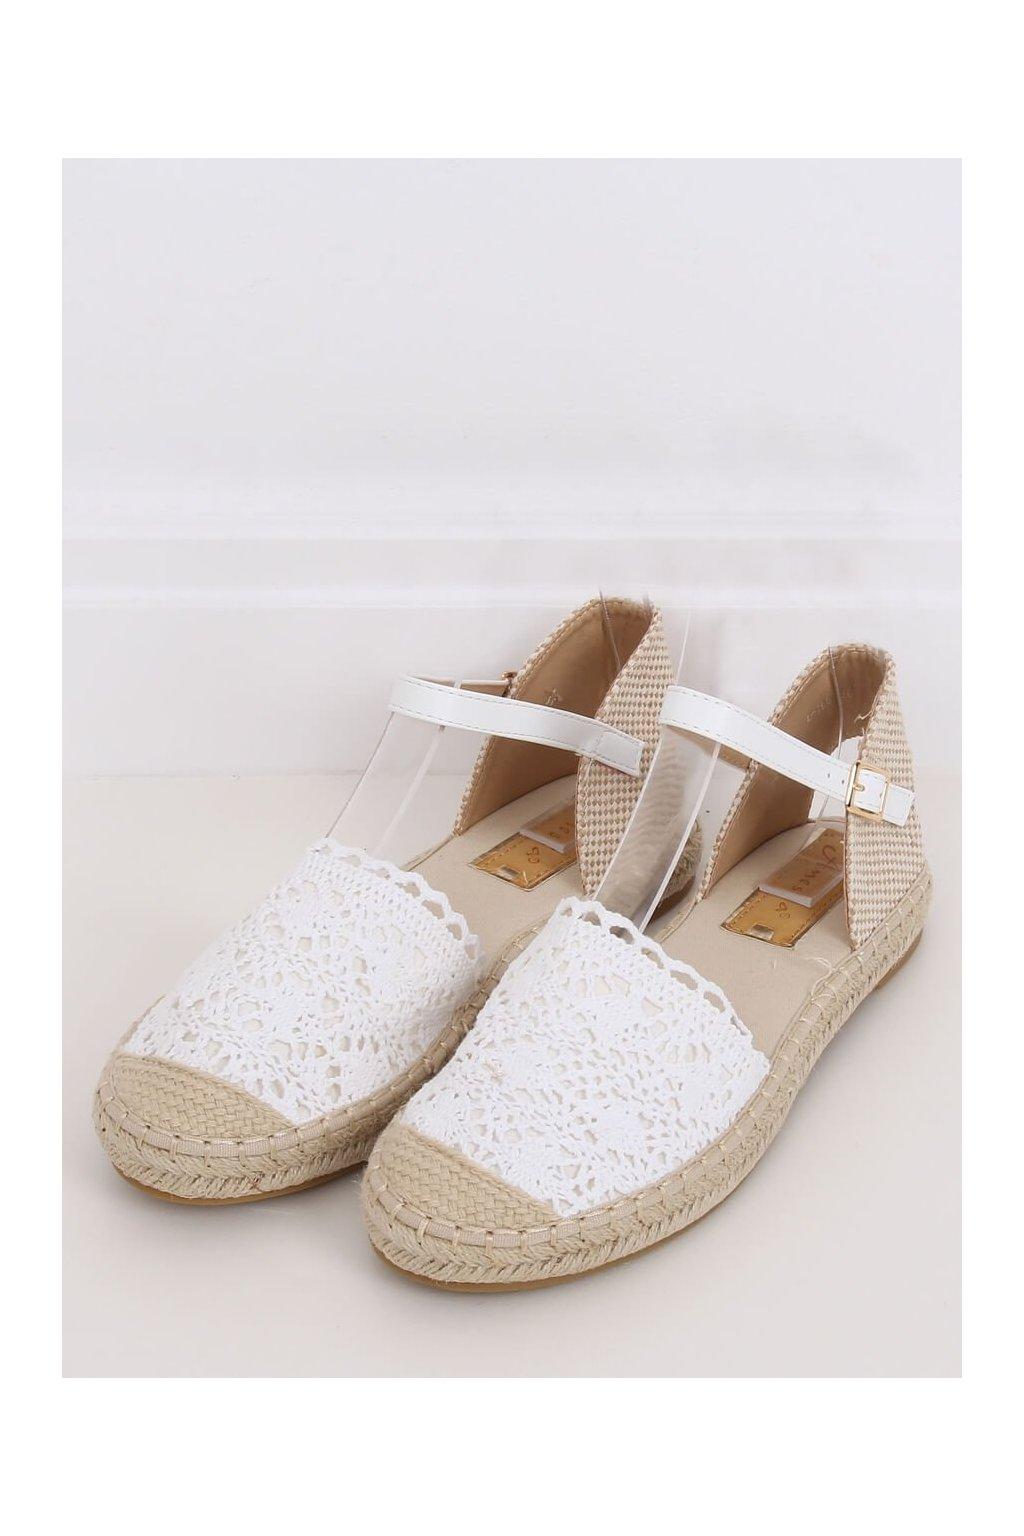 Biele sandále NJSK L-1067